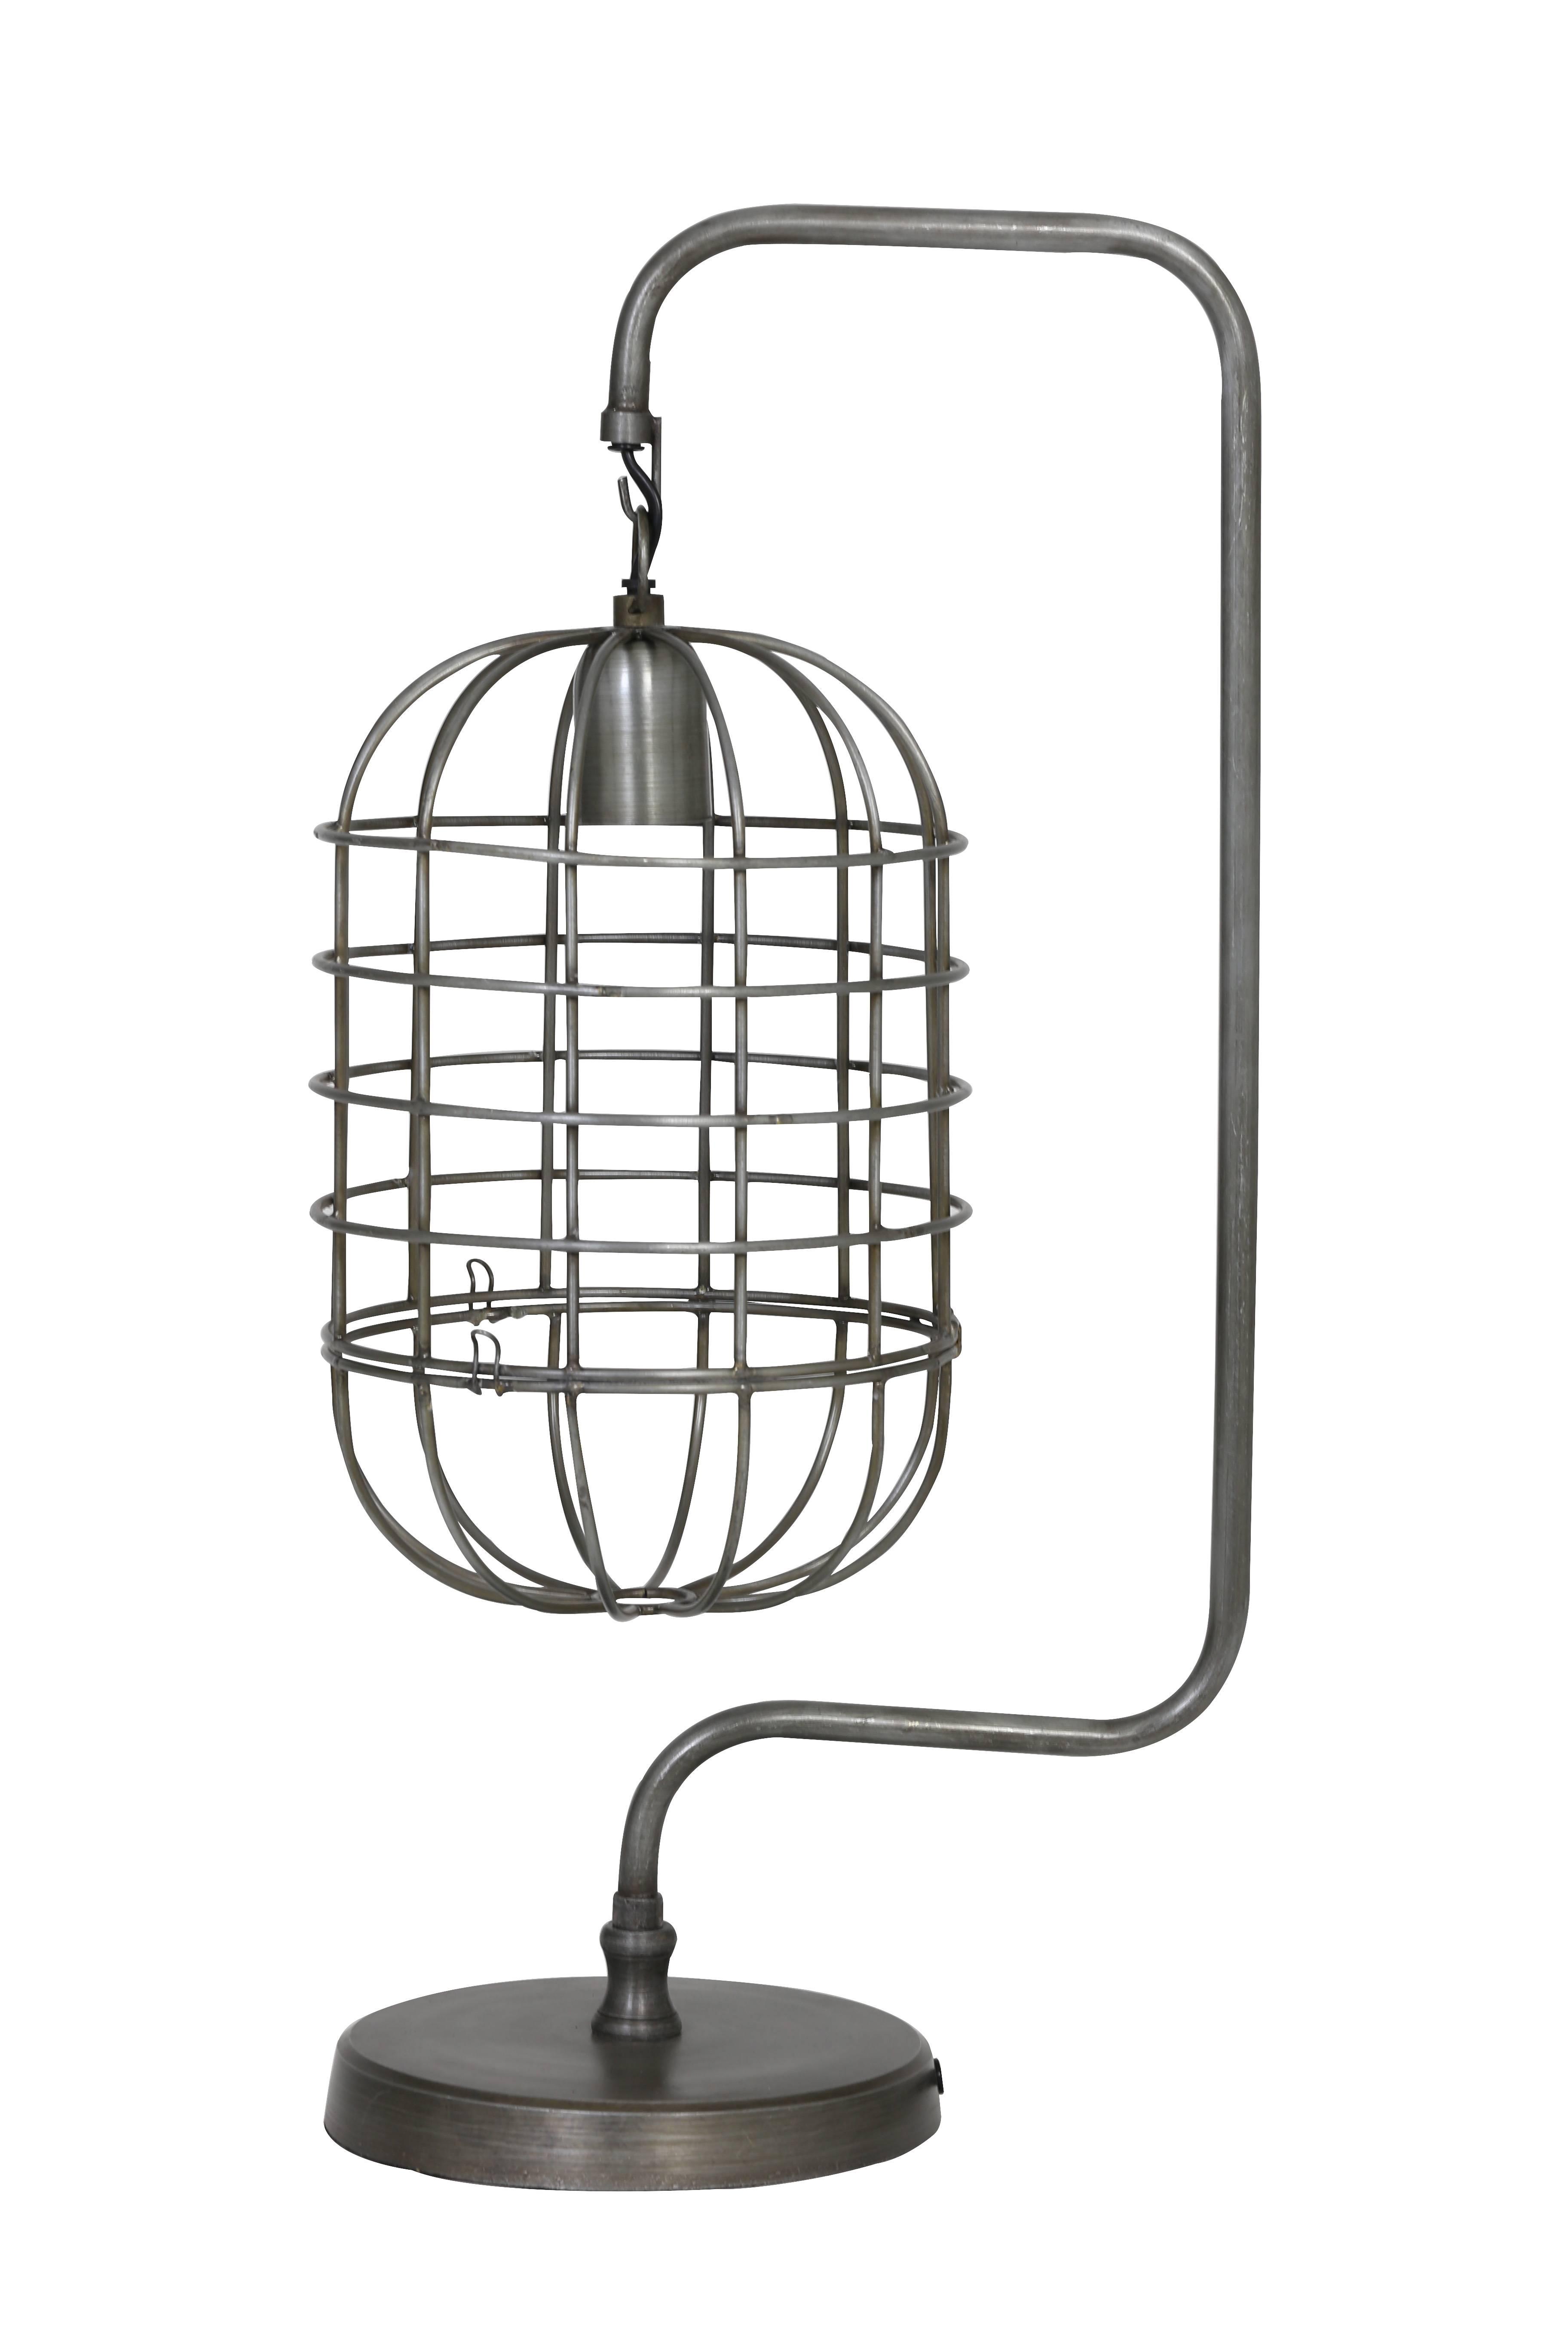 Tendance Poser Cage Eclairage 20x28x59cm Brenda Métal Bureau À Table Patiné De Etain Suspendue En Lampe J3clK1FT